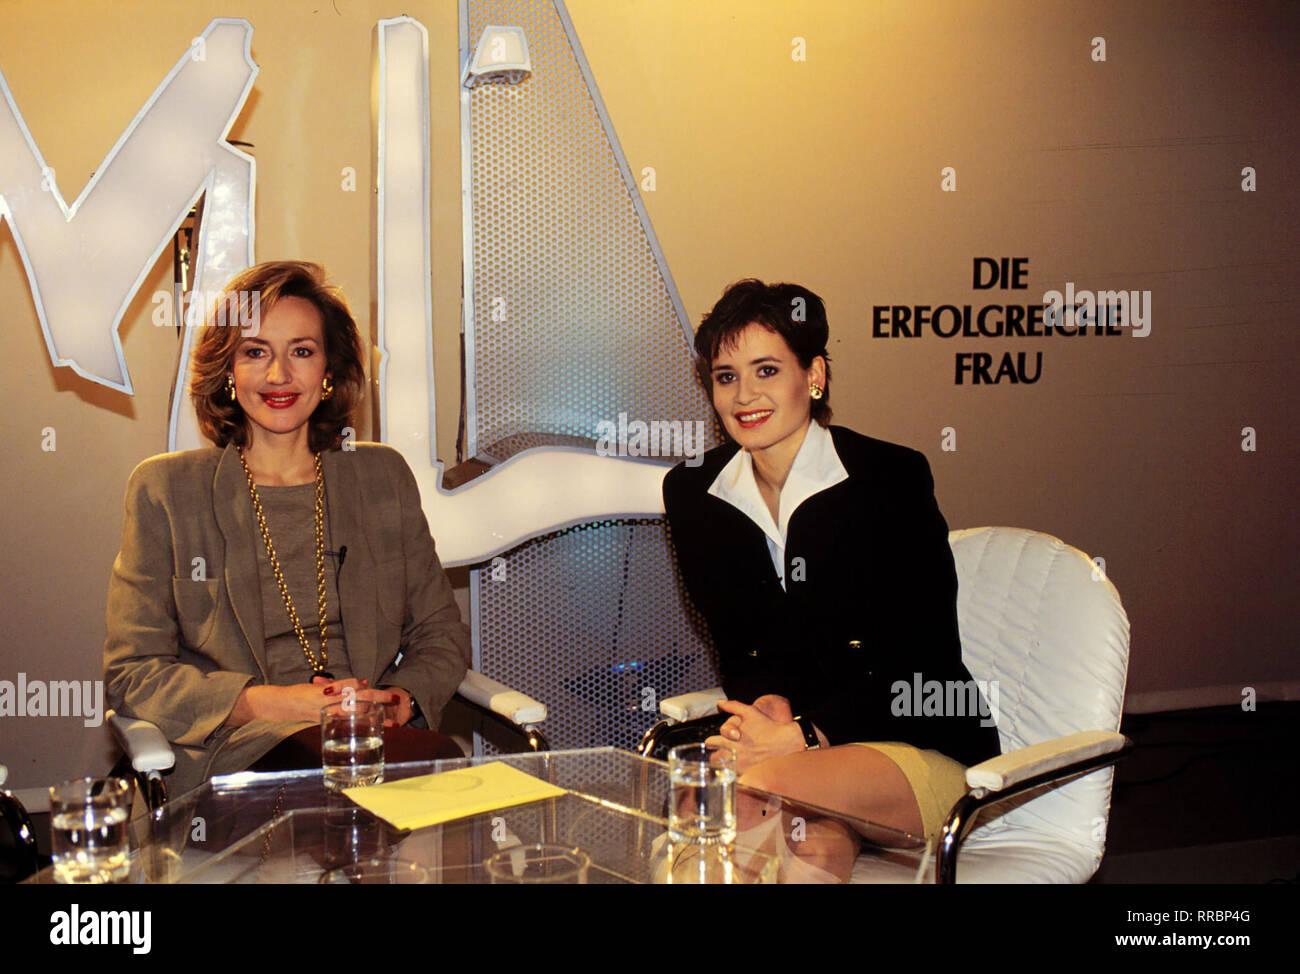 """Heike Hagedorn (ANJA KLING, r.) ist eingeladen als Gast zu einer Sendung des ZDF-Frauenjournals """"Mona Lisa"""" unter Leitung von PETRA GERSTER. Thema heute: Managerinnen. aka. Gute Vorsätze / Überschrift: HAGEDORNS TOCHTER Stock Photo"""